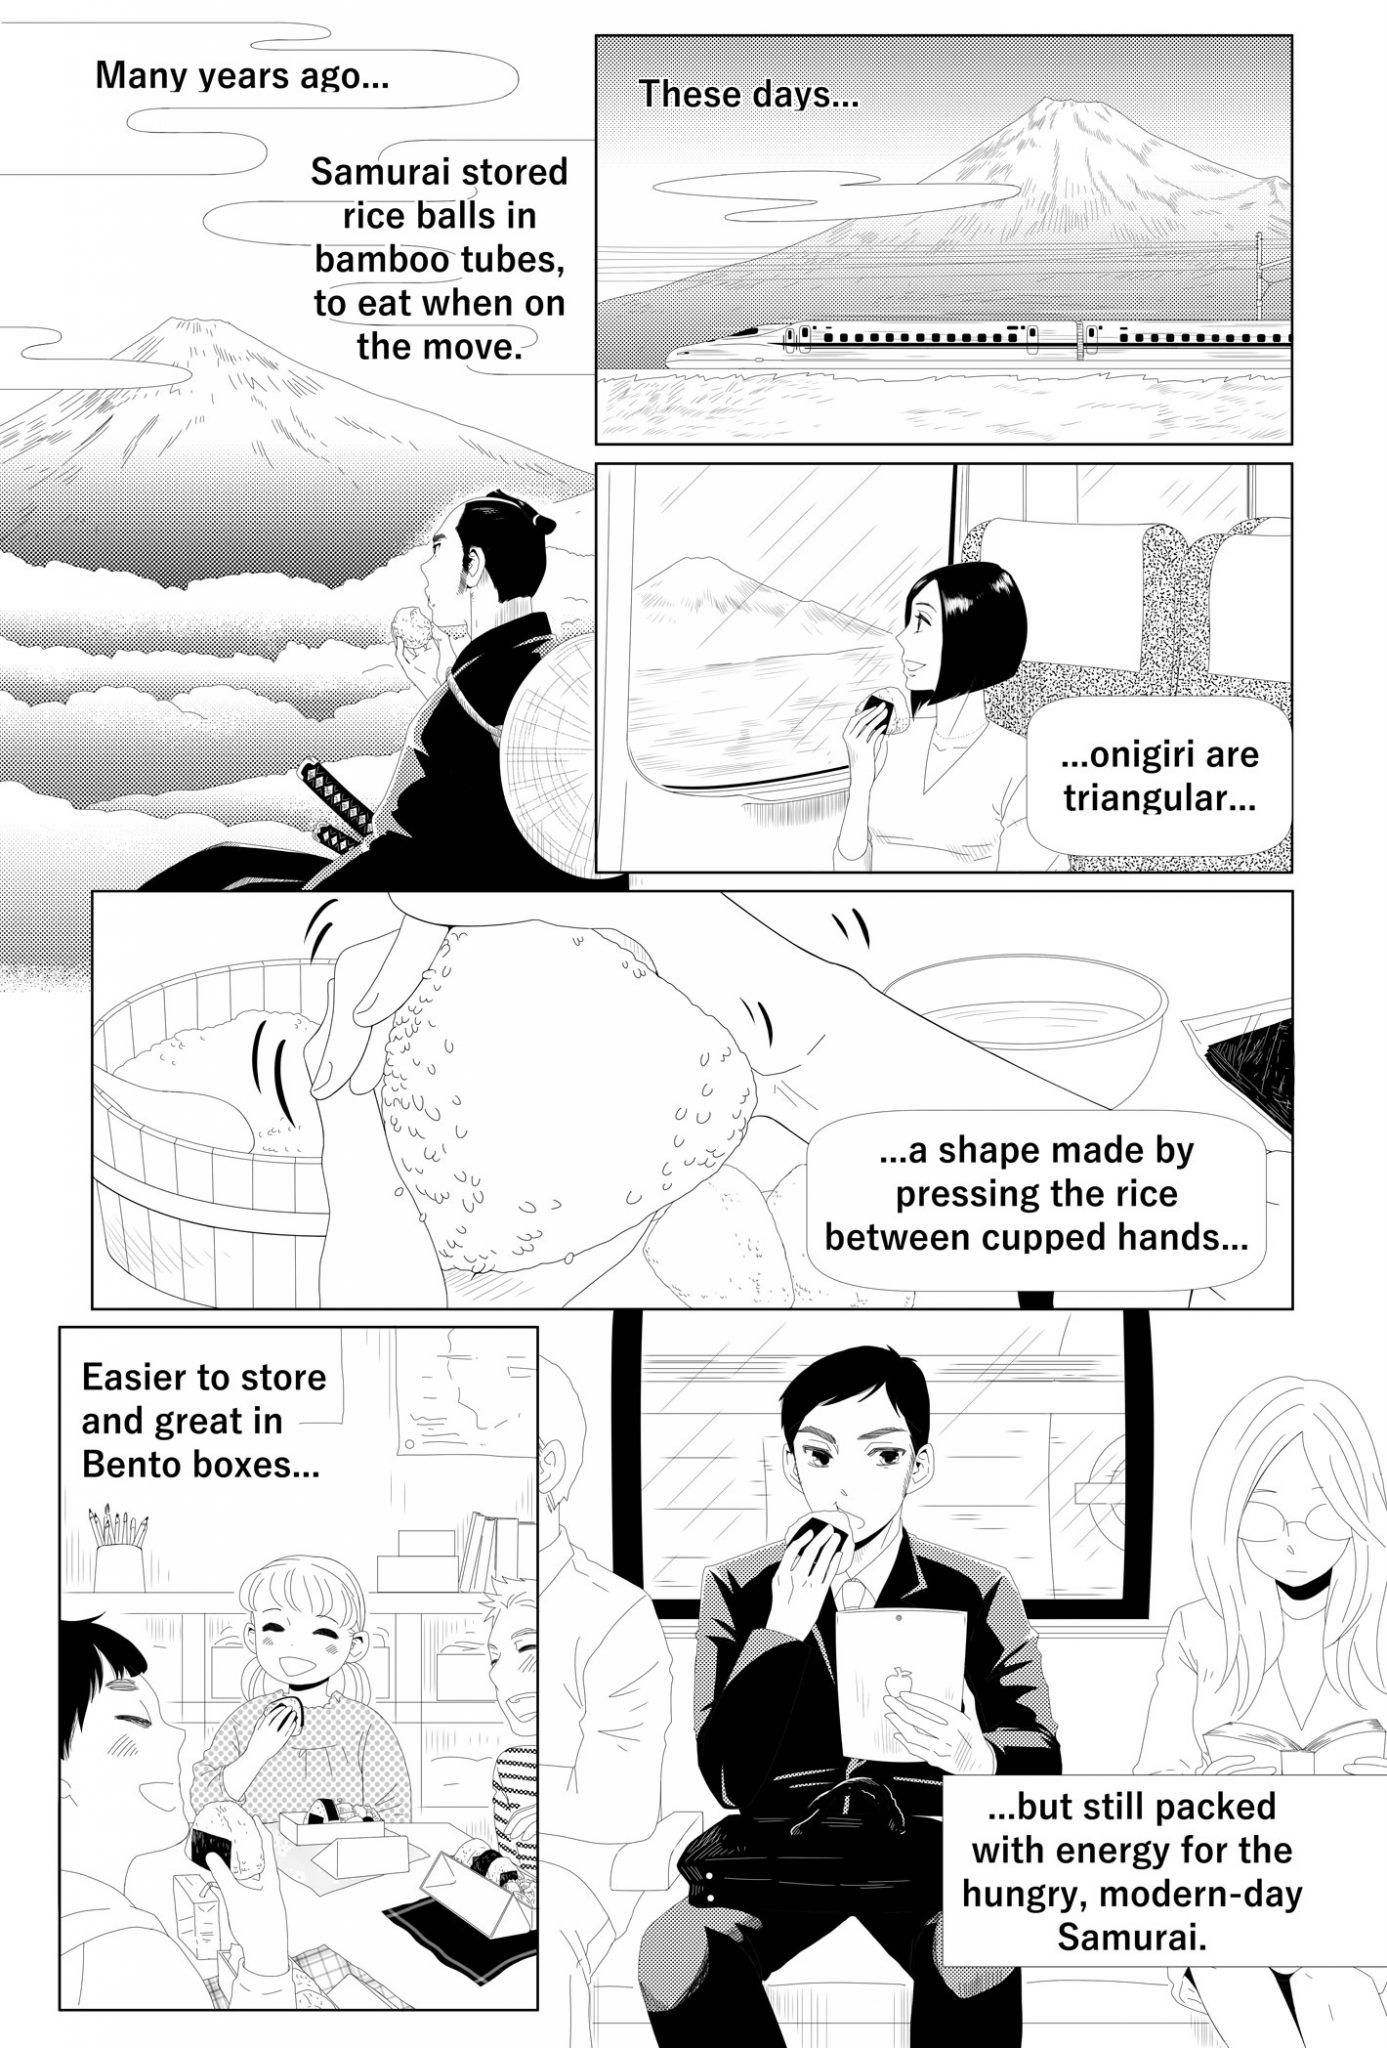 Onigiri - Tasty, but why Triangular?